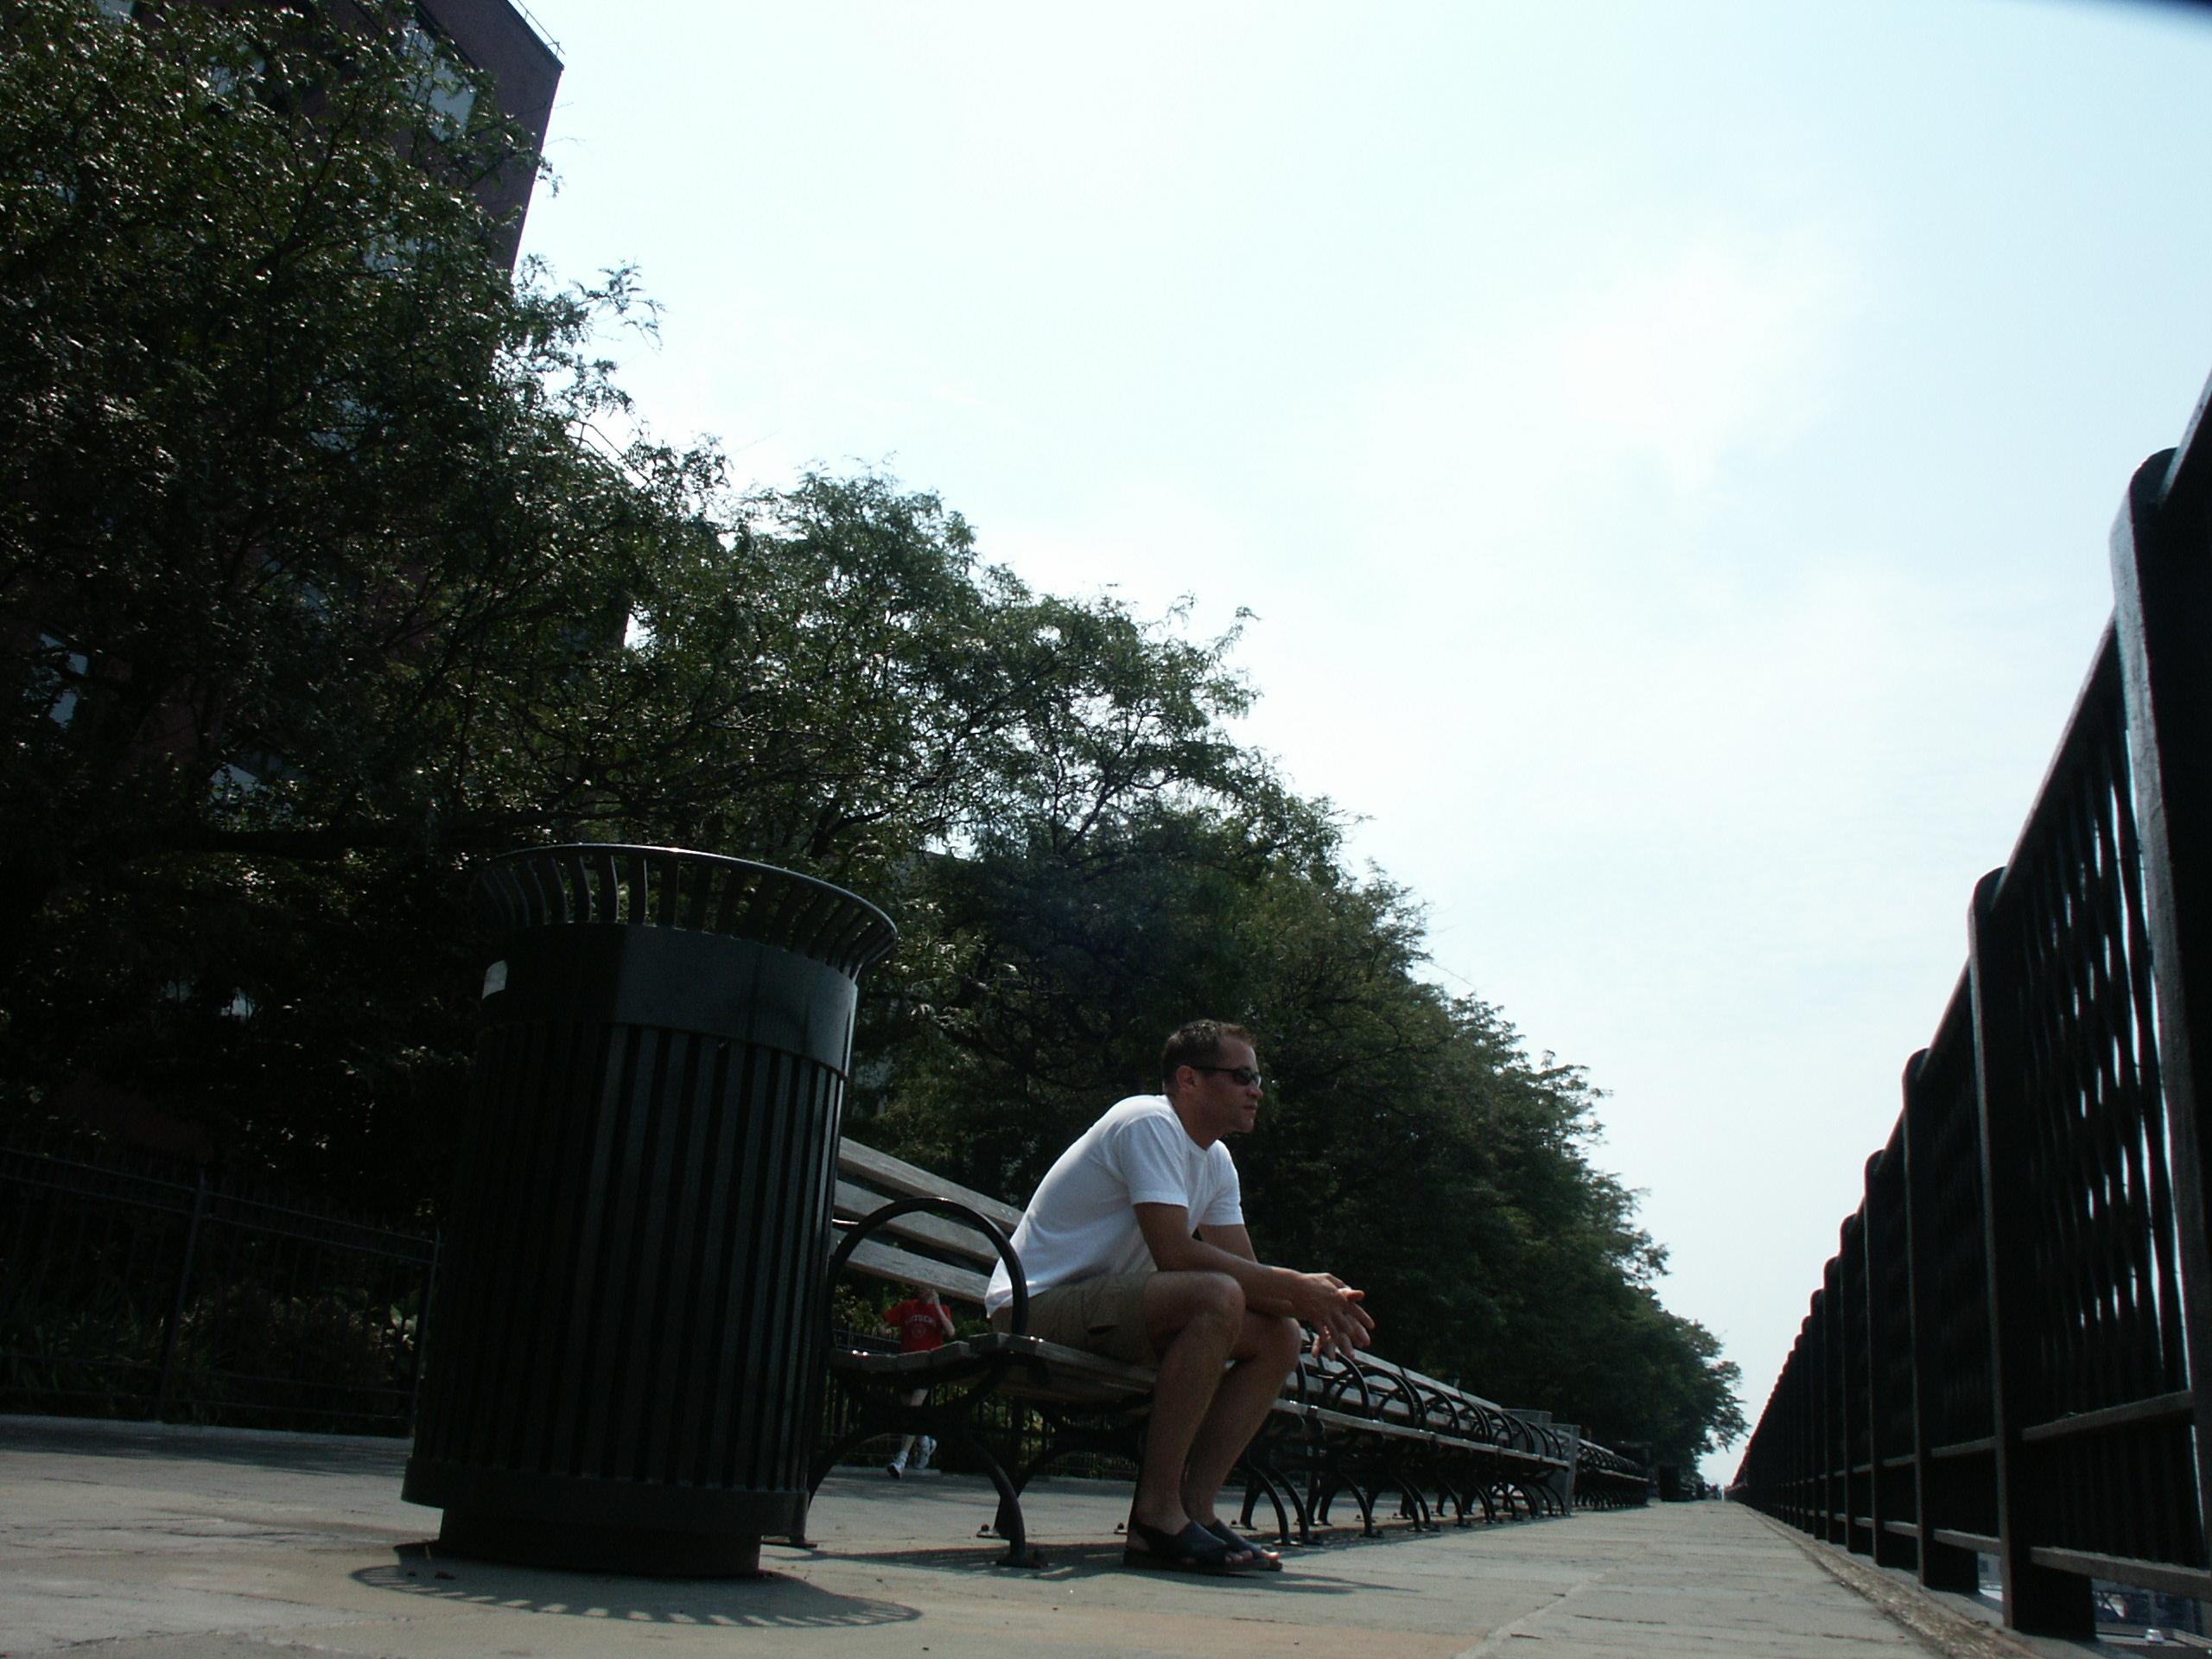 Brooklyn Heights, nawiązanie do kadru z filmu 25 godzina